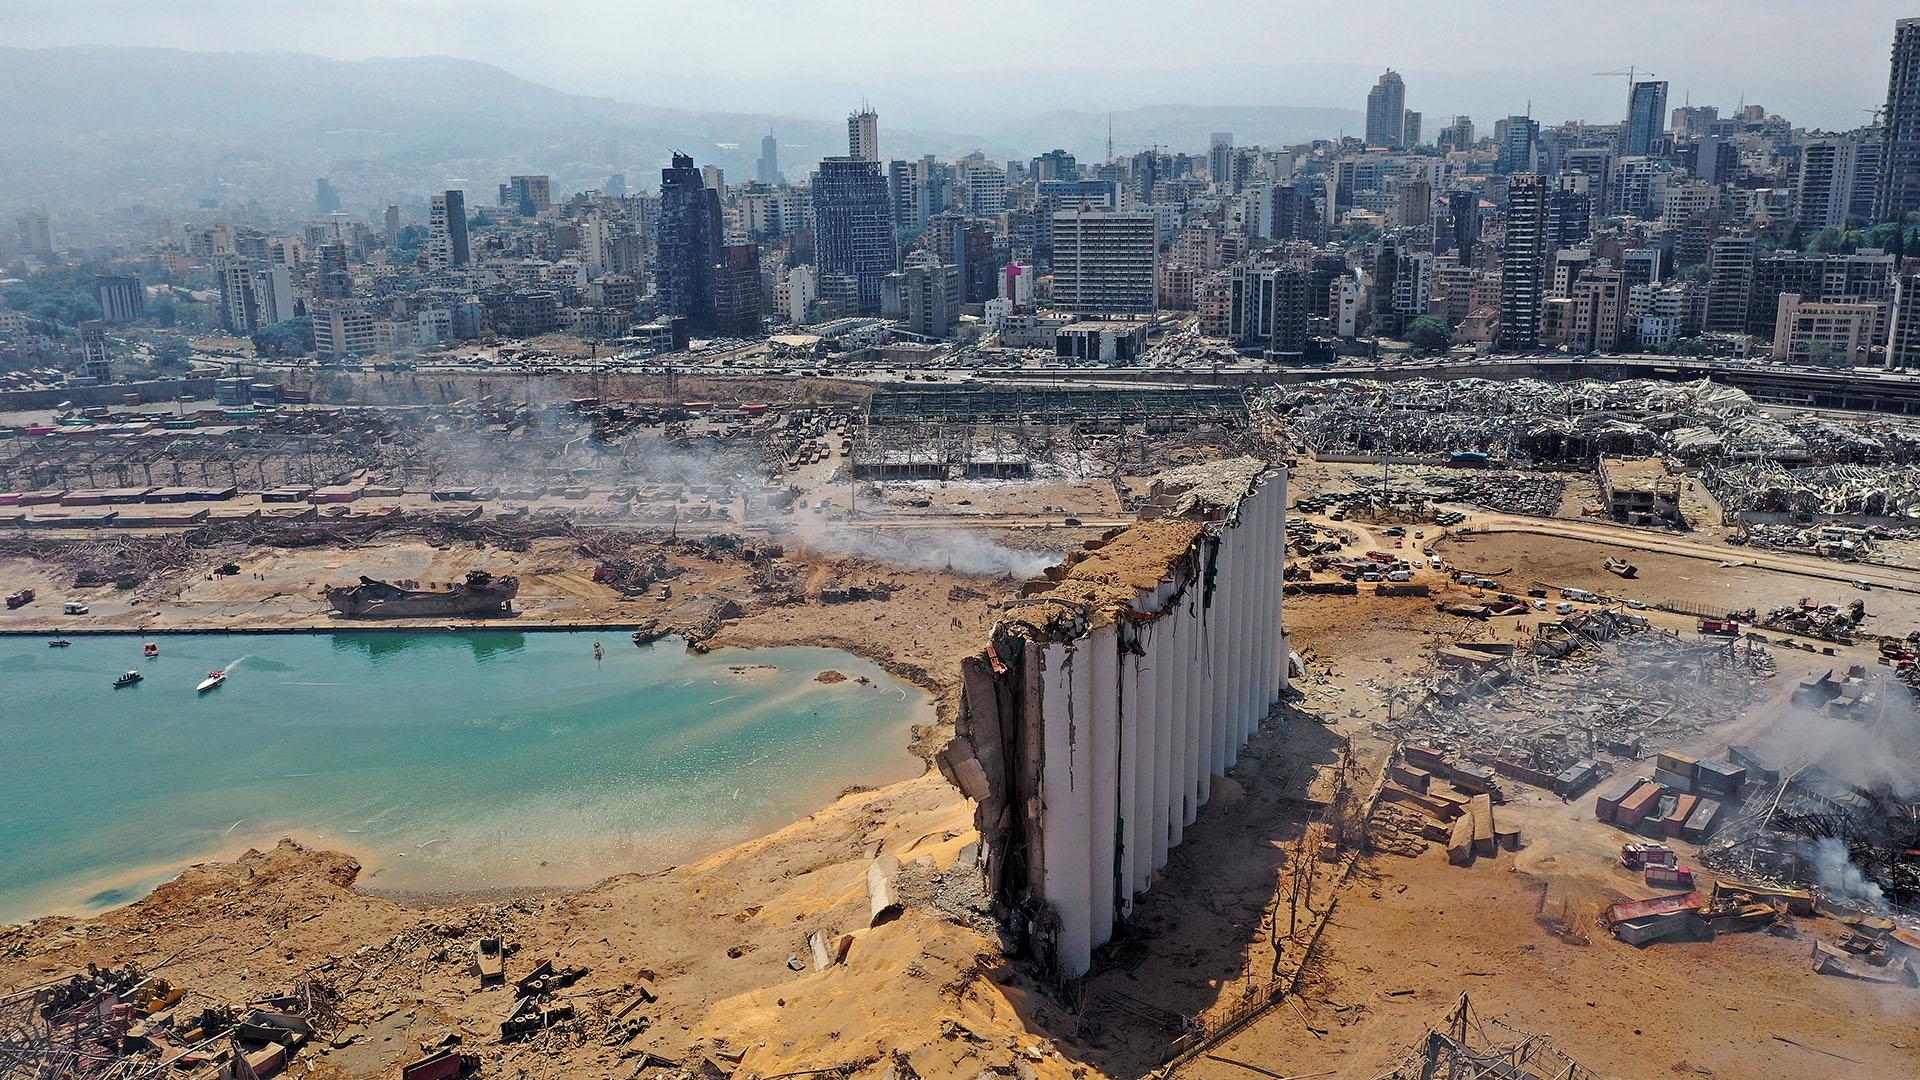 Equipos de rescate buscaron sobrevivientes en Beirut por la mañana después de que una explosión catastrófica en el puerto sembró la devastación en vecindarios enteros, matando a más de 100 personas, hiriendo a miles y sumiendo al Líbano en una crisis más profunda (Foto por Anwar AMRO / AFP)